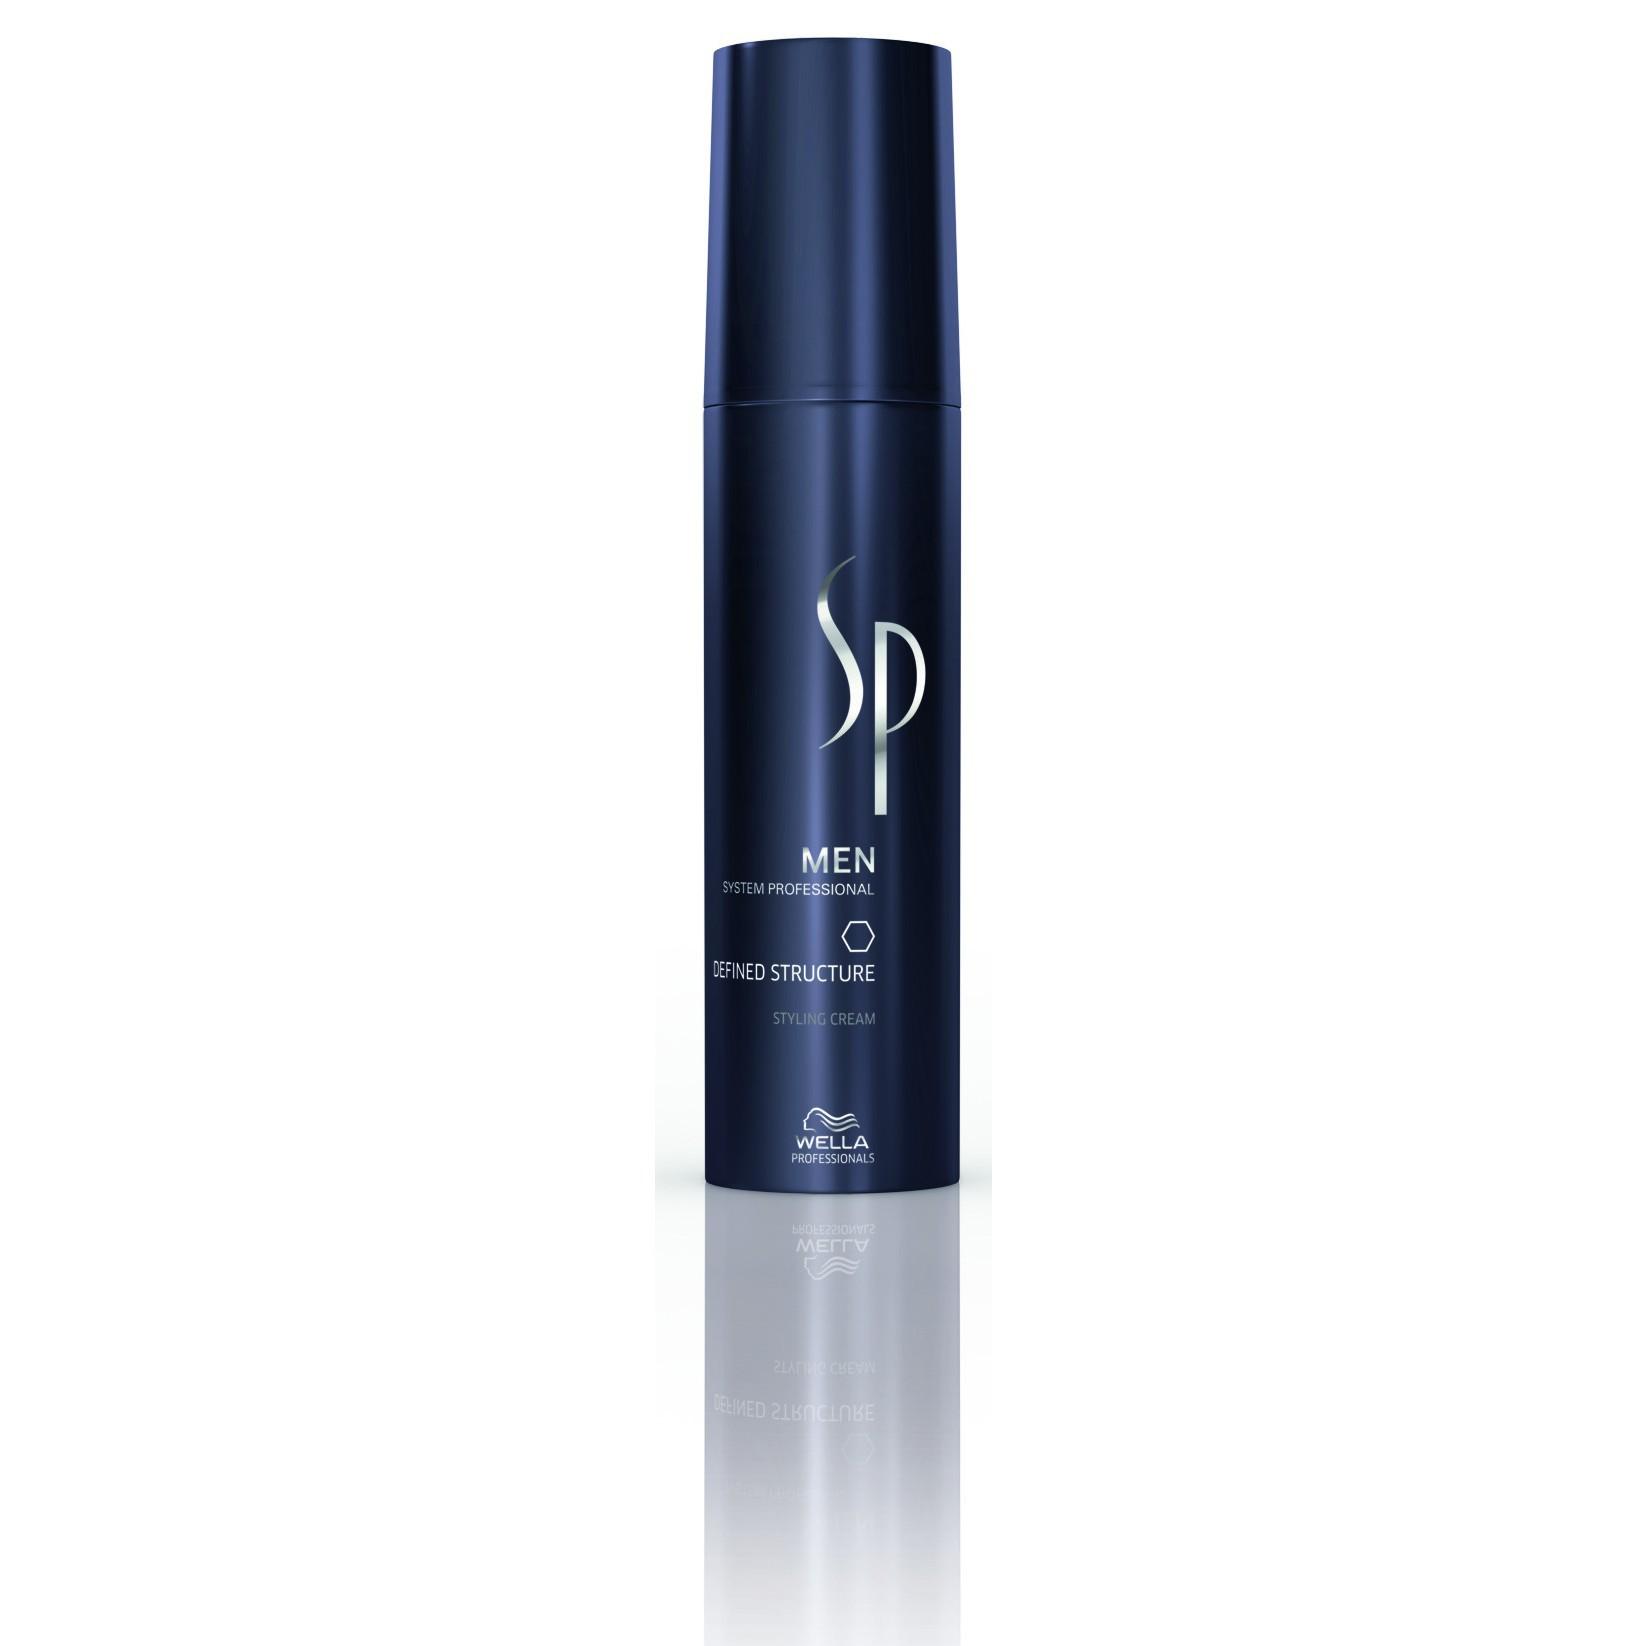 Wella SP Гель экстрасильной фиксации Maximum Hold, 100 млSatin Hair 7 BR730MNWellaSPMaximumHoldГель экстрасильной фиксации гель нового поколения на силиконовой основе для современной и стильной укладки.Гель создает на волосе блеск с перламутровым оттенком и исполняет свое первое назначение, экстрасильную фиксацию. Крепят волосы и защищают от плохих воздействий среды. После закрепления и фиксации волос гелем, прическа прекрасно держится даже при активном образе жизни. Подчеркнет и зафиксирует отдельные пряди, не избавляет волосы их натурального объема. У него очень легкая структура, потому он не чувствуется на голове и не оставляет никаких следов на вашей одежде. В составе витамины C и А, протеины шелка, растительные протеины, лецитин и натуральные сахара. Используя гель на ваших волосах, не останется жирных следов.В составе геля содержатся комплексы витаминов и аминокислот, которые ухаживаю за кожей, питая ее. Особый состав, нейтрализует свободный радикалы и несет защиту от ультрафиолета.